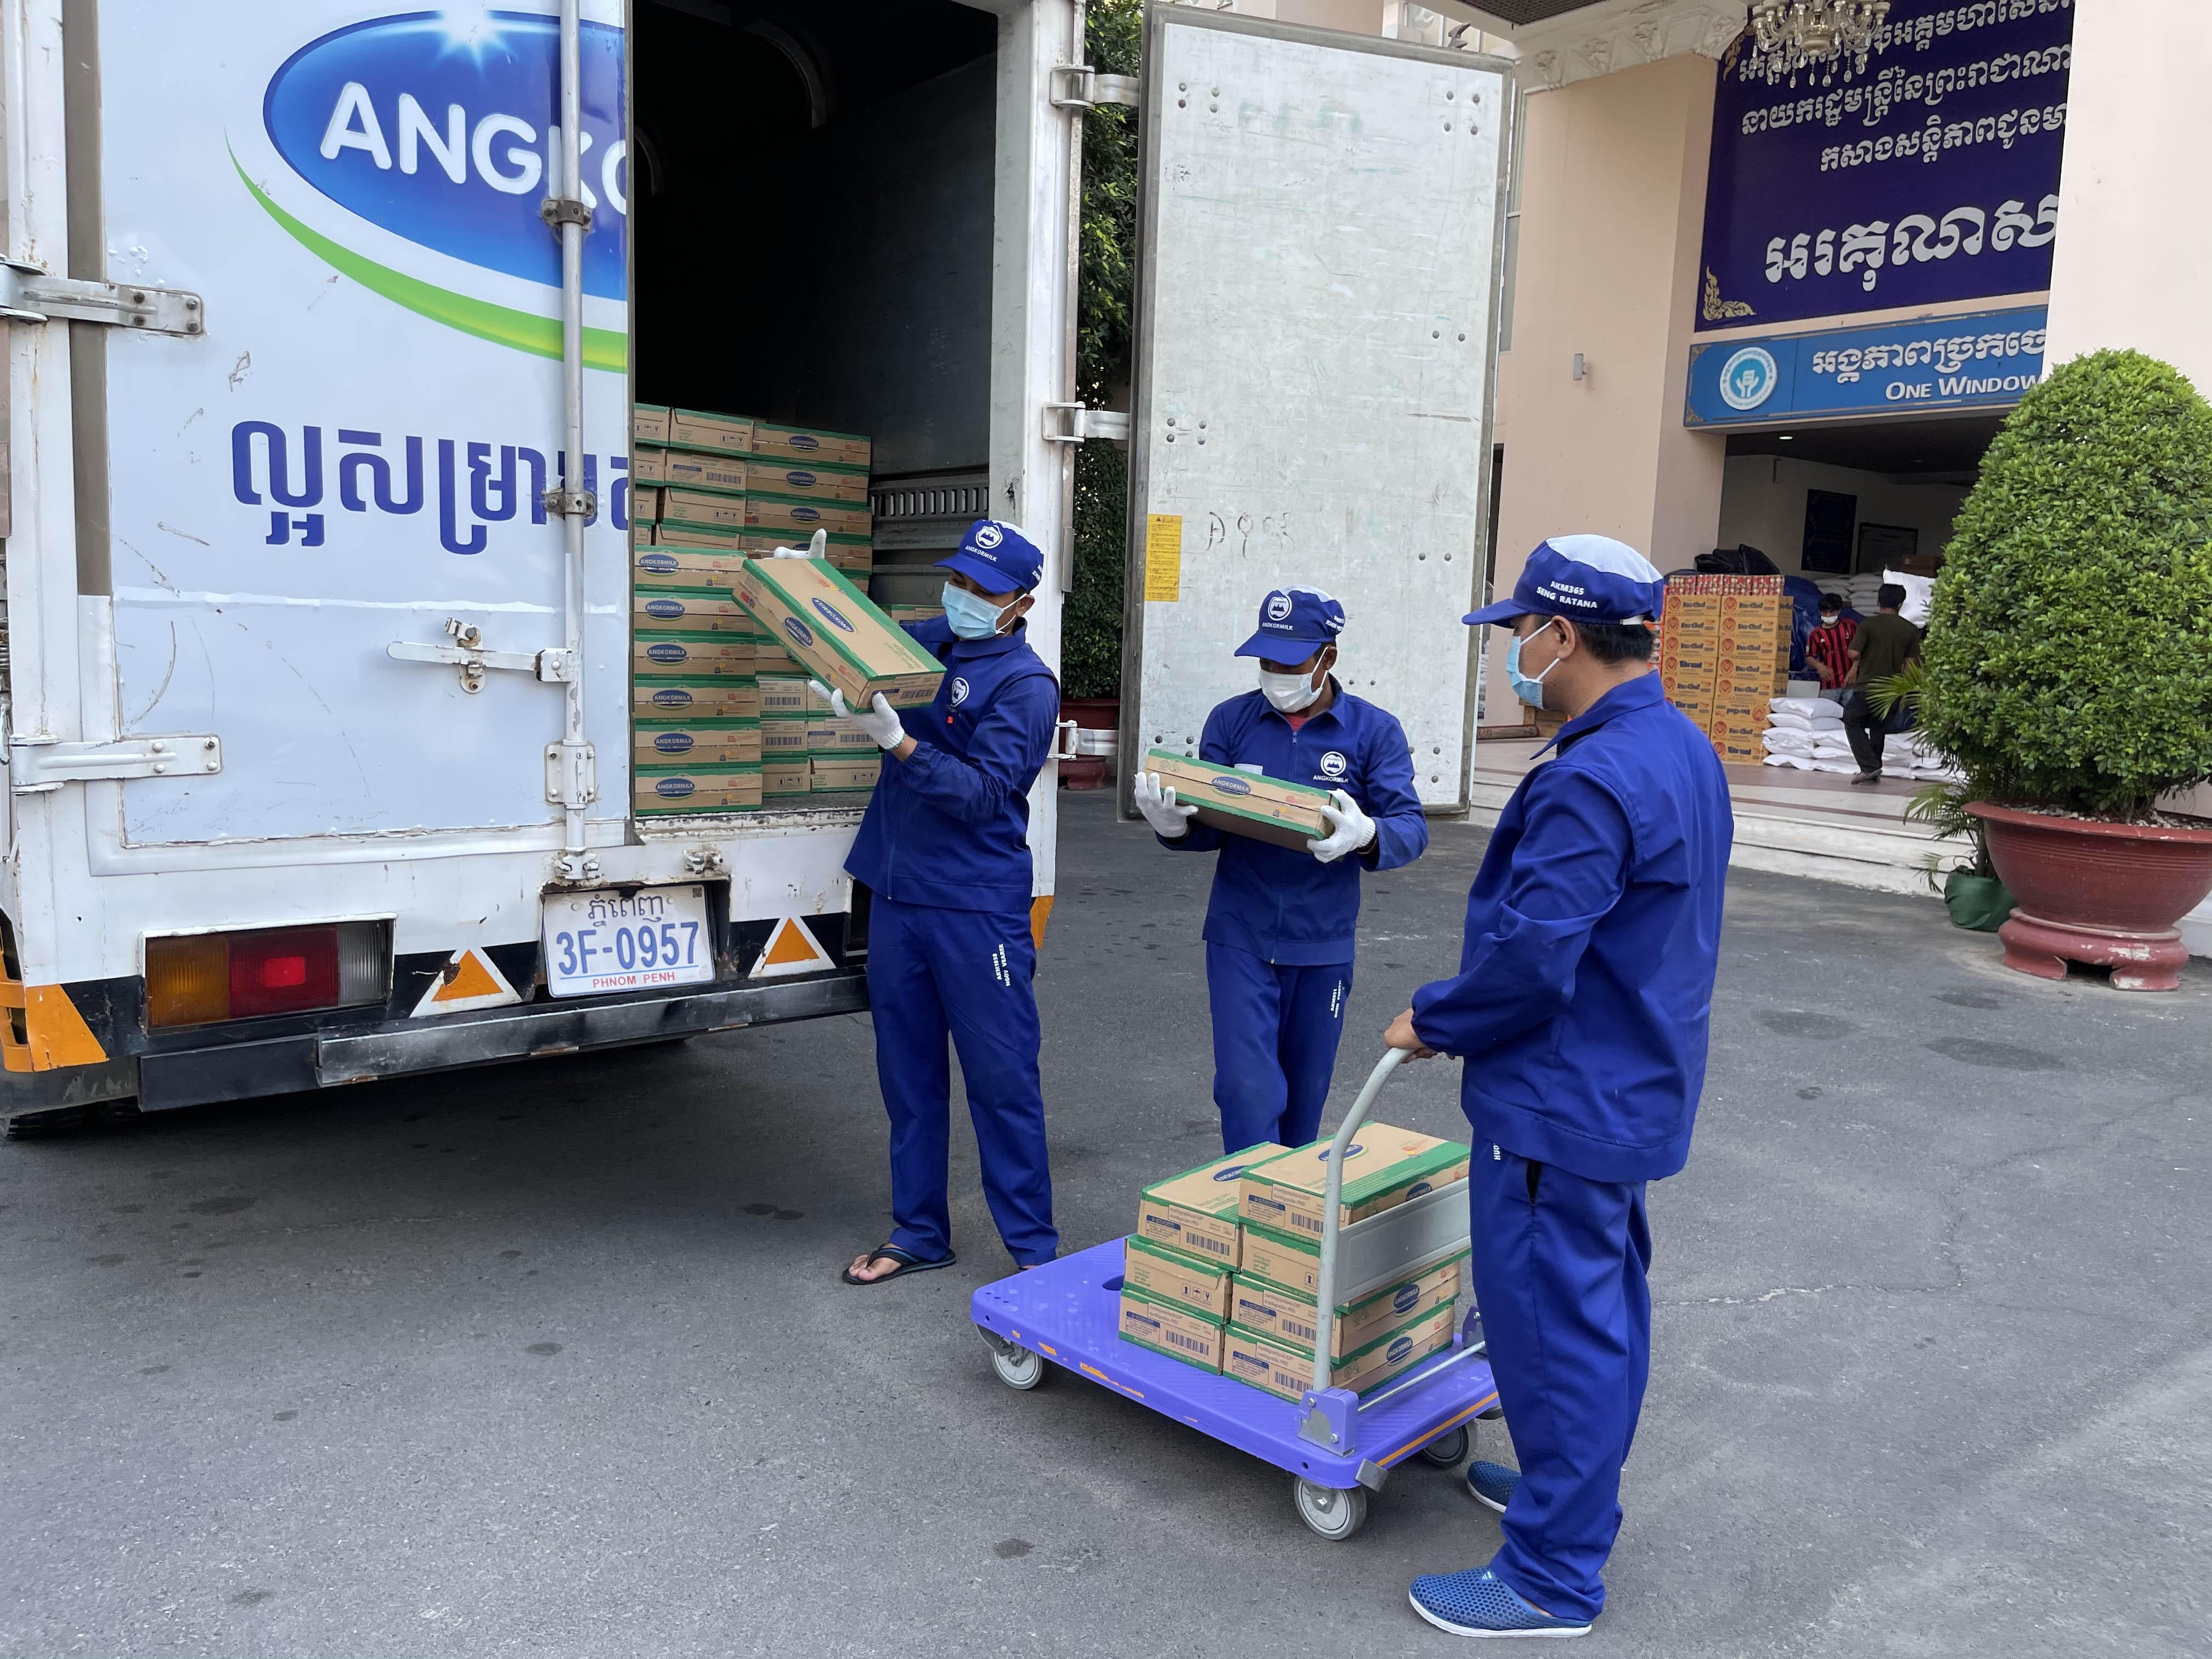 Vinamilk và Angkormilk hỗ trợ sữa cho người dân và trẻ em Campuchia trong vùng Covid-19 -0